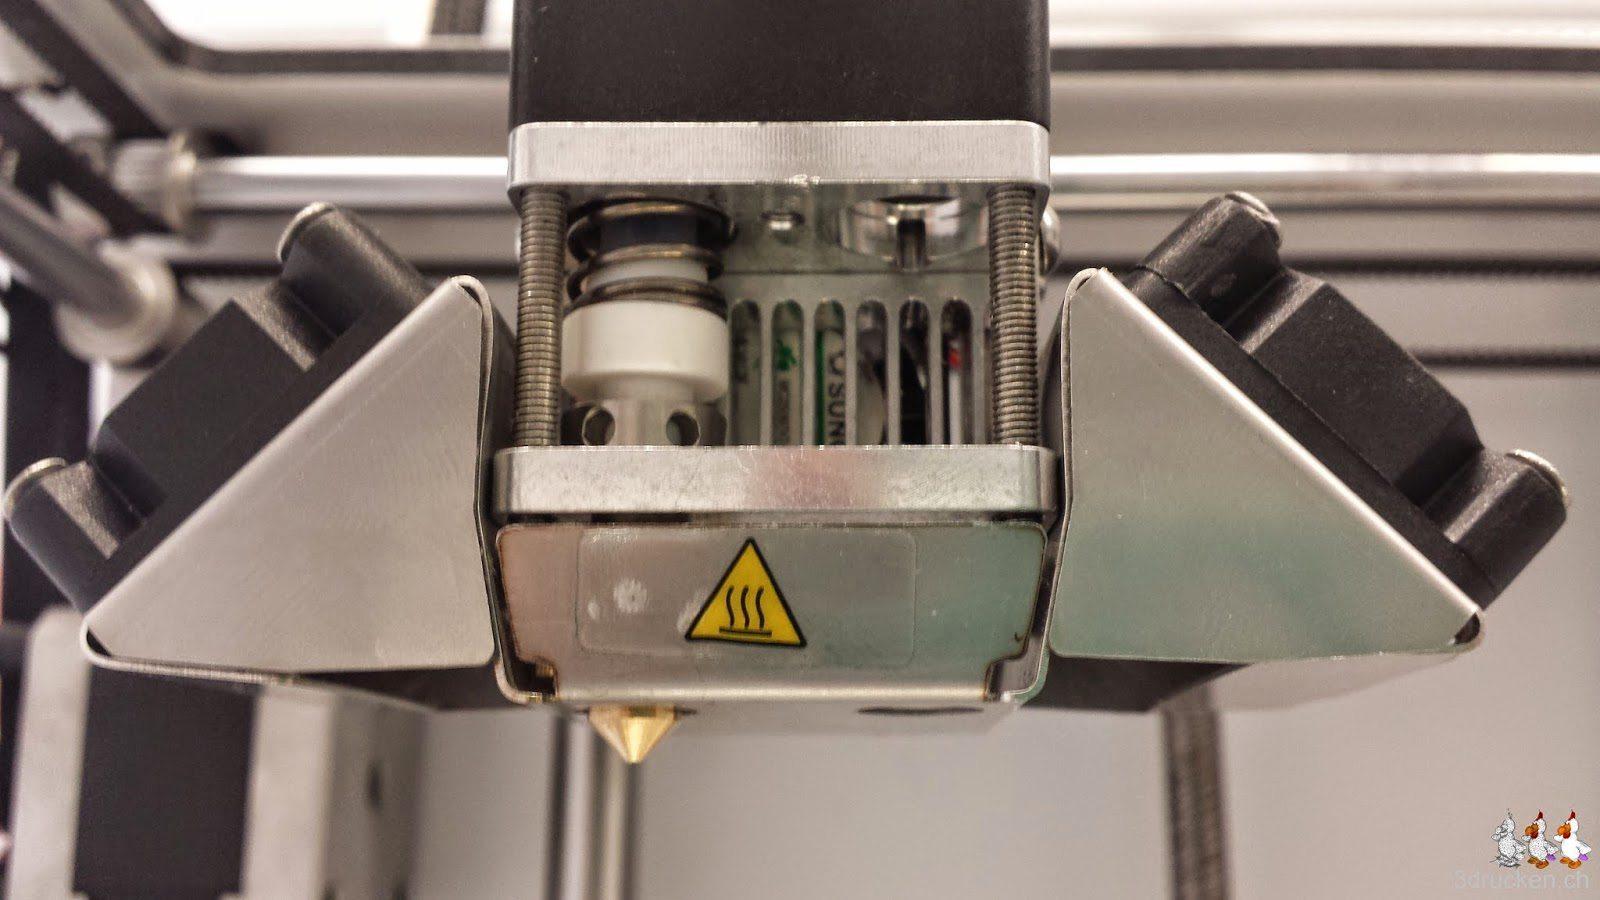 Foto des fertig neu zusammengesetzten Druckkopfs am Ultimaker 2 von der Seite in Nahaufnahme